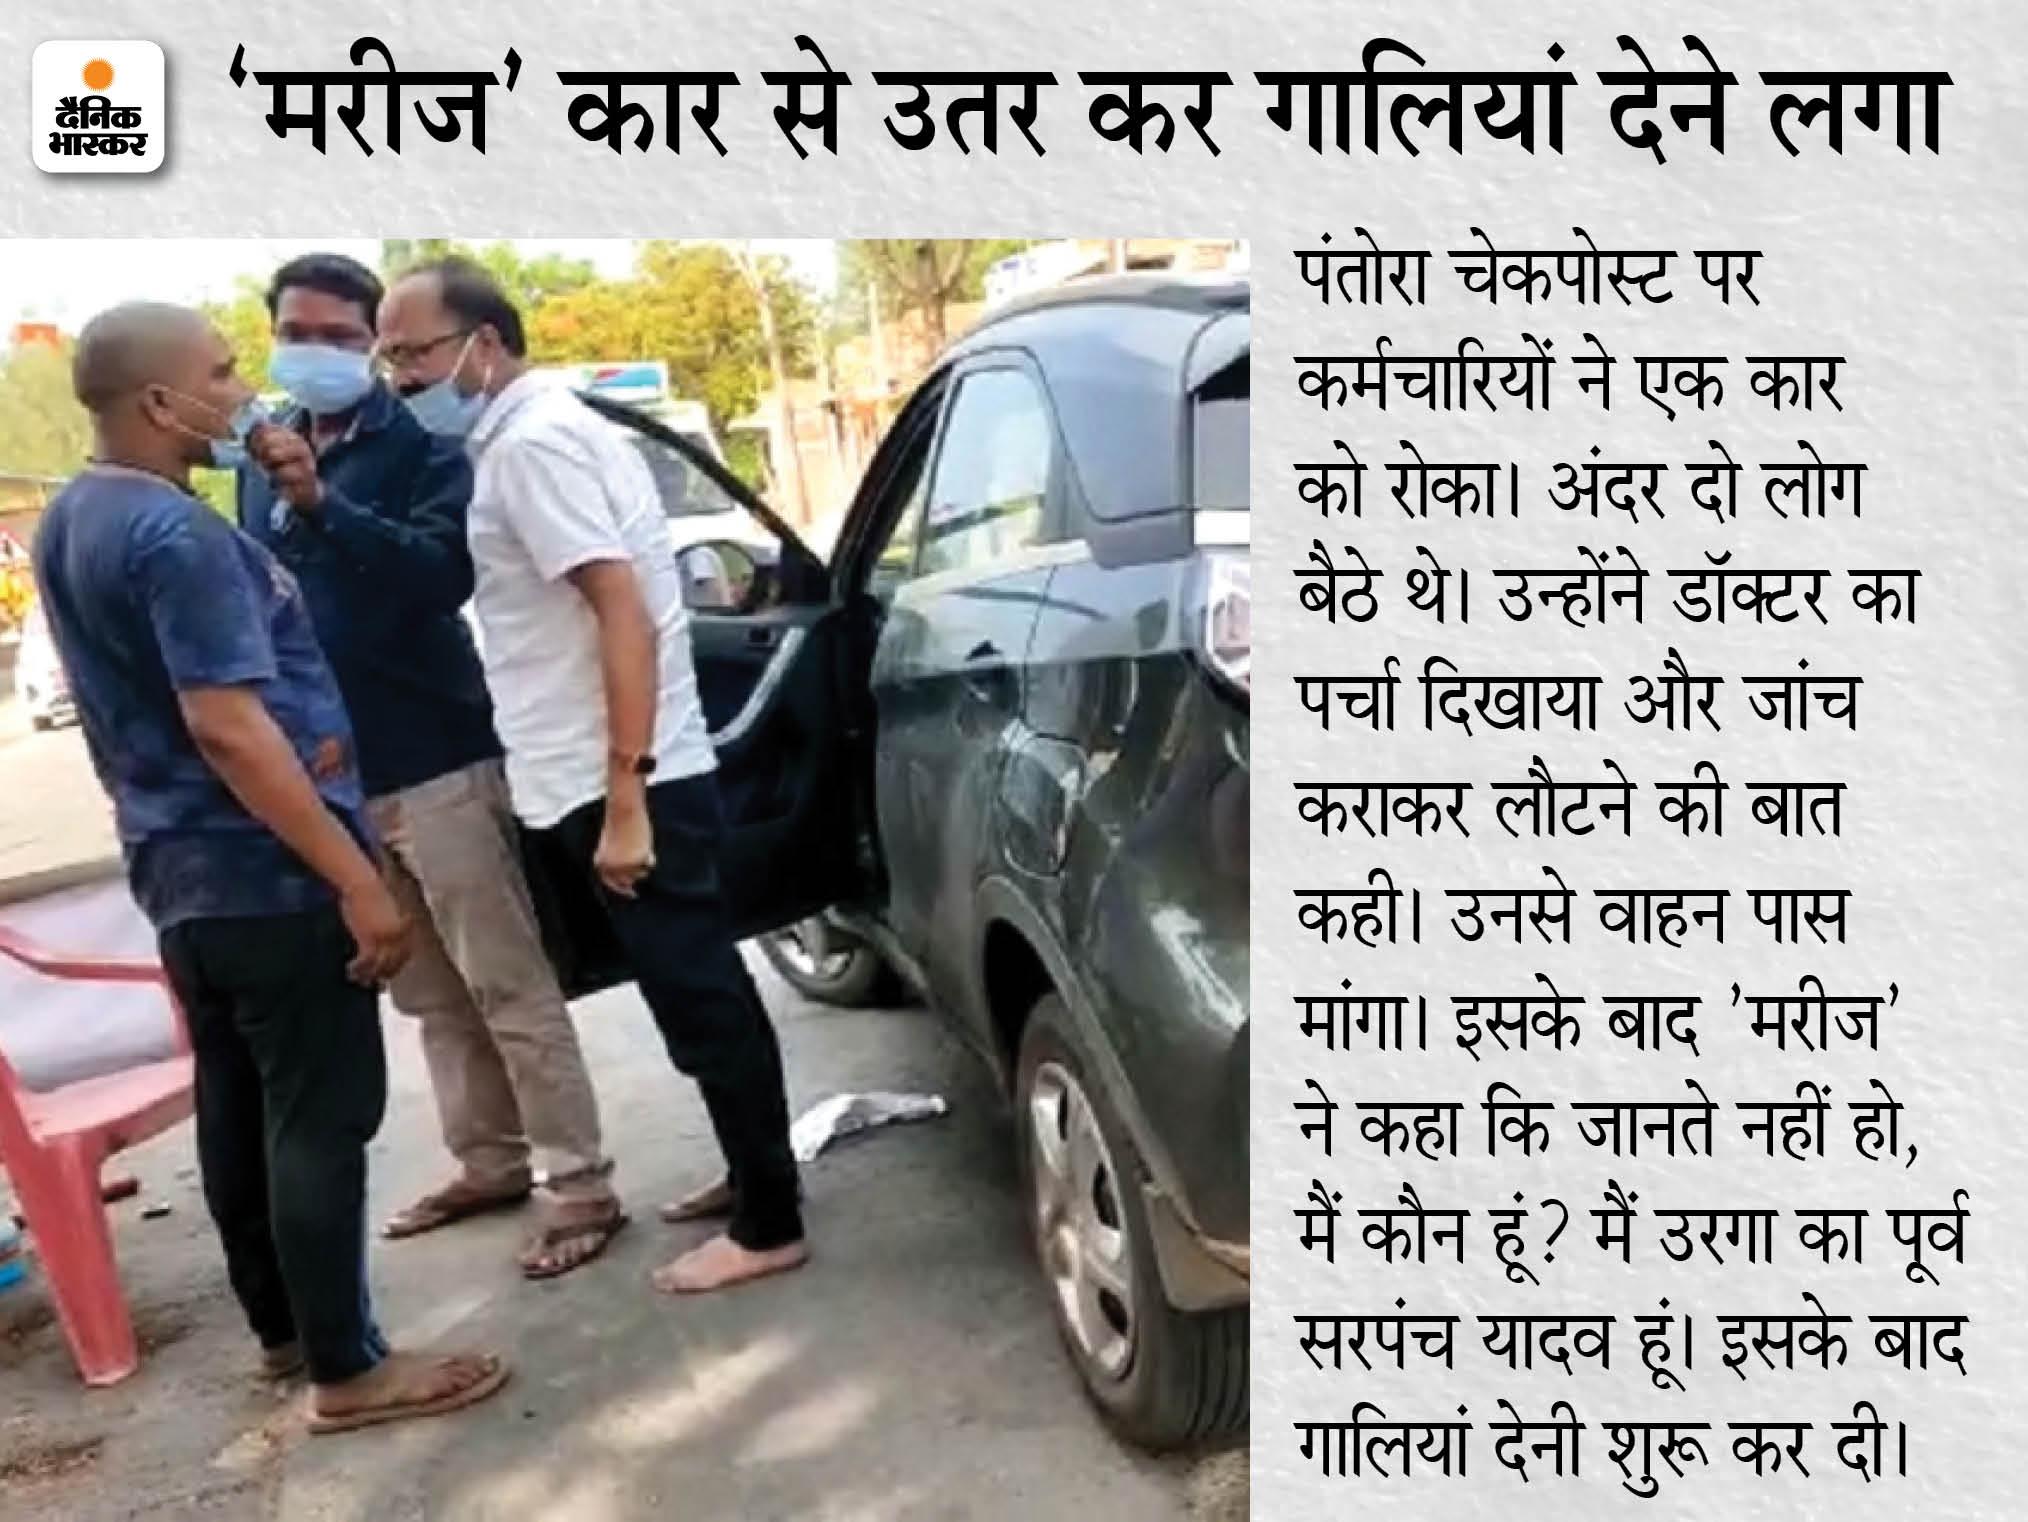 बिना वाहन पास के जा रही कार को चेकपोस्ट पर रोका तो भड़के; कर्मचारियों को गाली देते हुए कहा- जानते हो मैं कौन हूं, पूर्व सरपंच यादव|छत्तीसगढ़,Chhattisgarh - Dainik Bhaskar